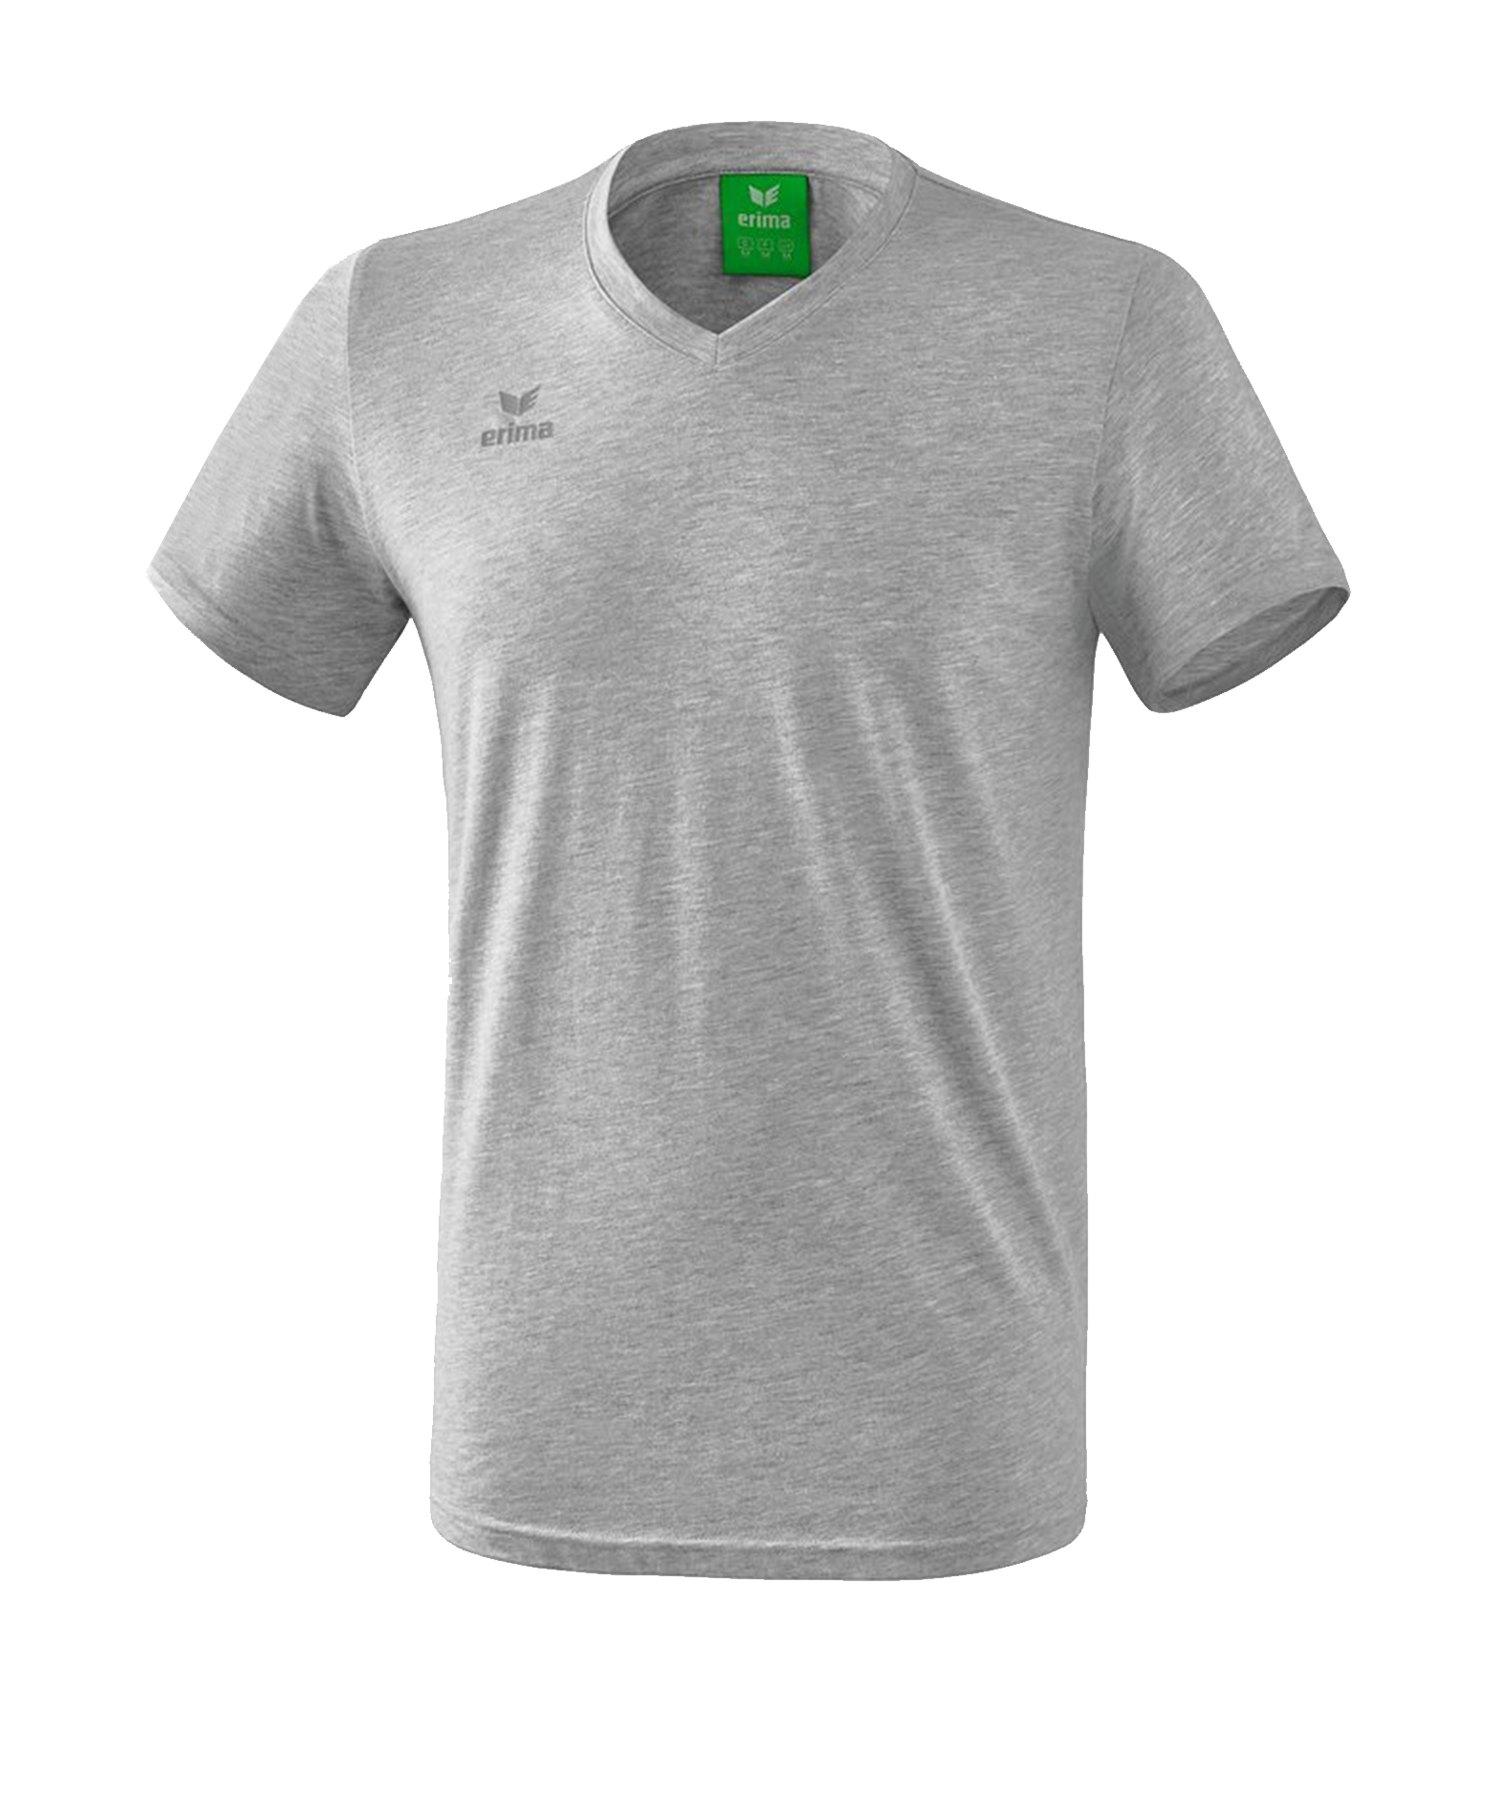 Erima Style T-Shirt Kids Grau - Grau